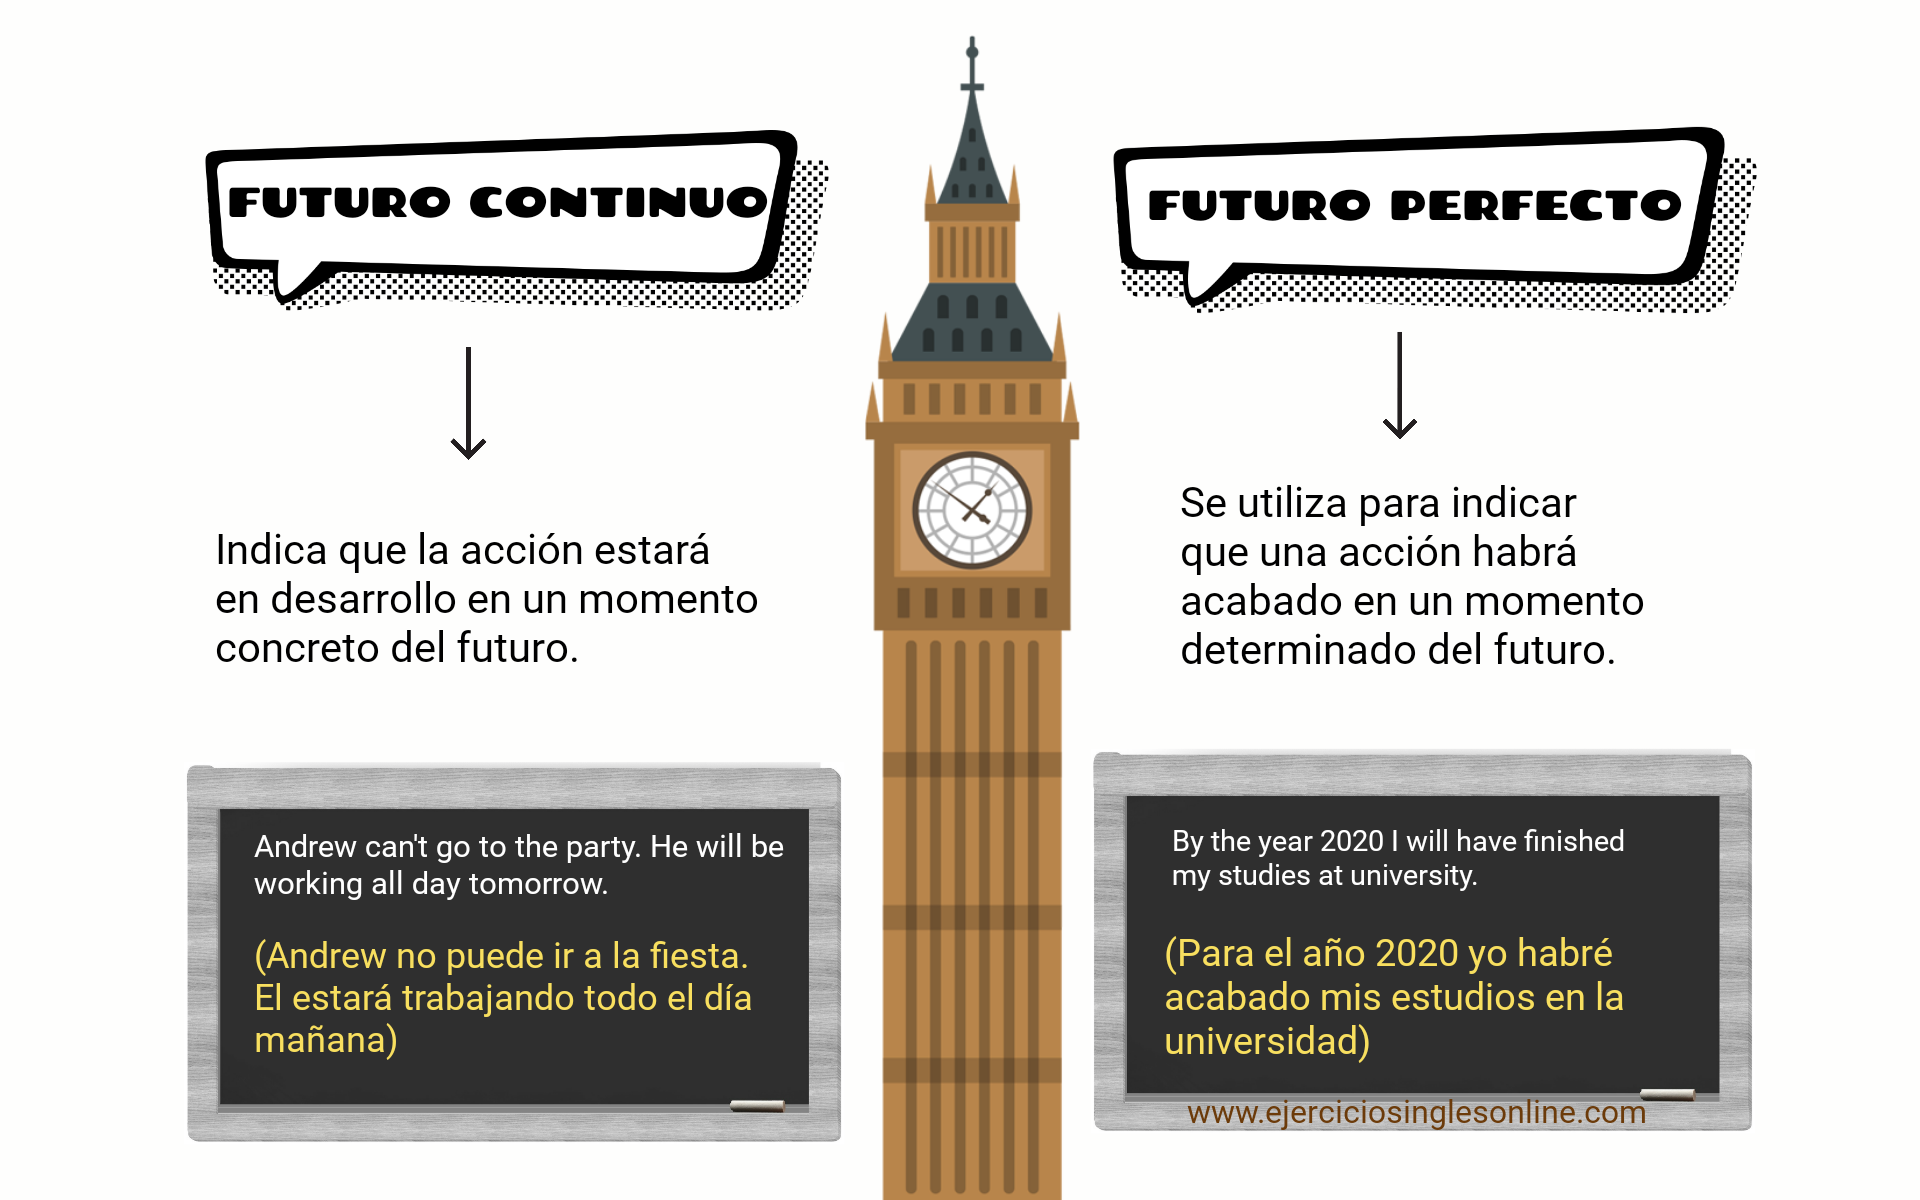 Futuro continuo vs perfecto - Ejercicio 3 - Interactivo